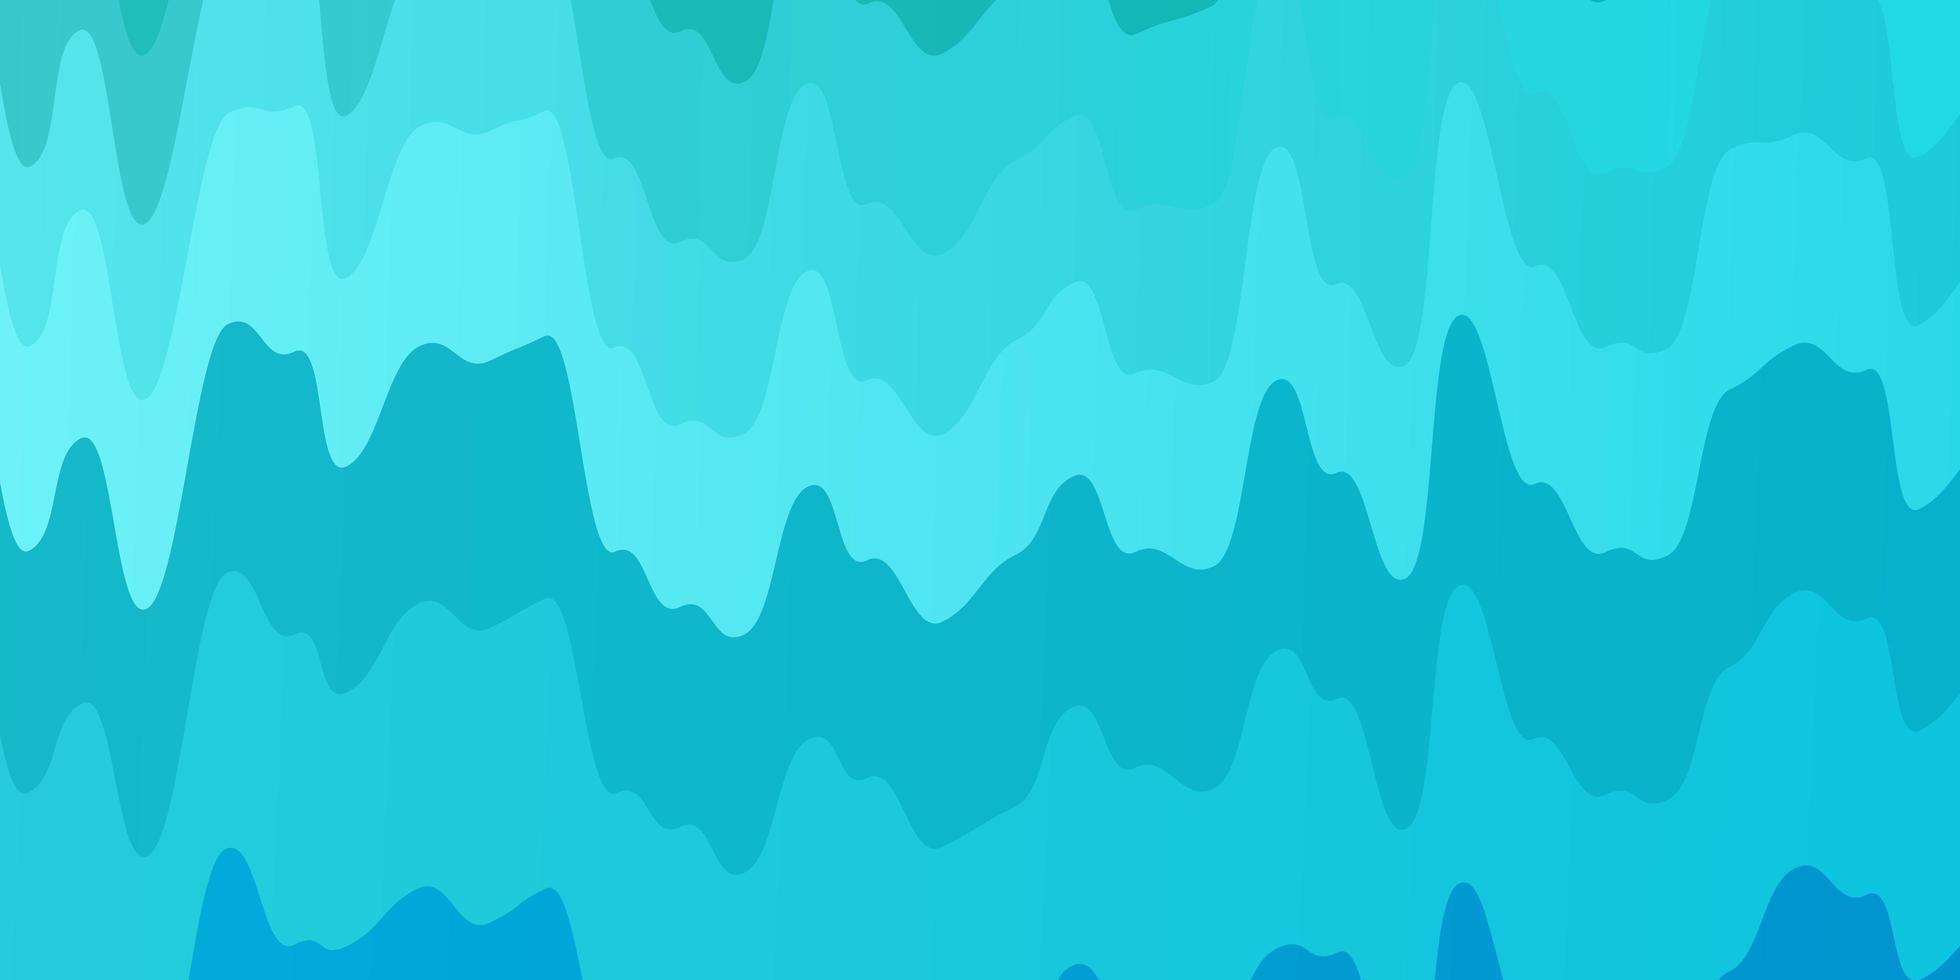 modèle vectoriel bleu clair, vert avec des courbes.